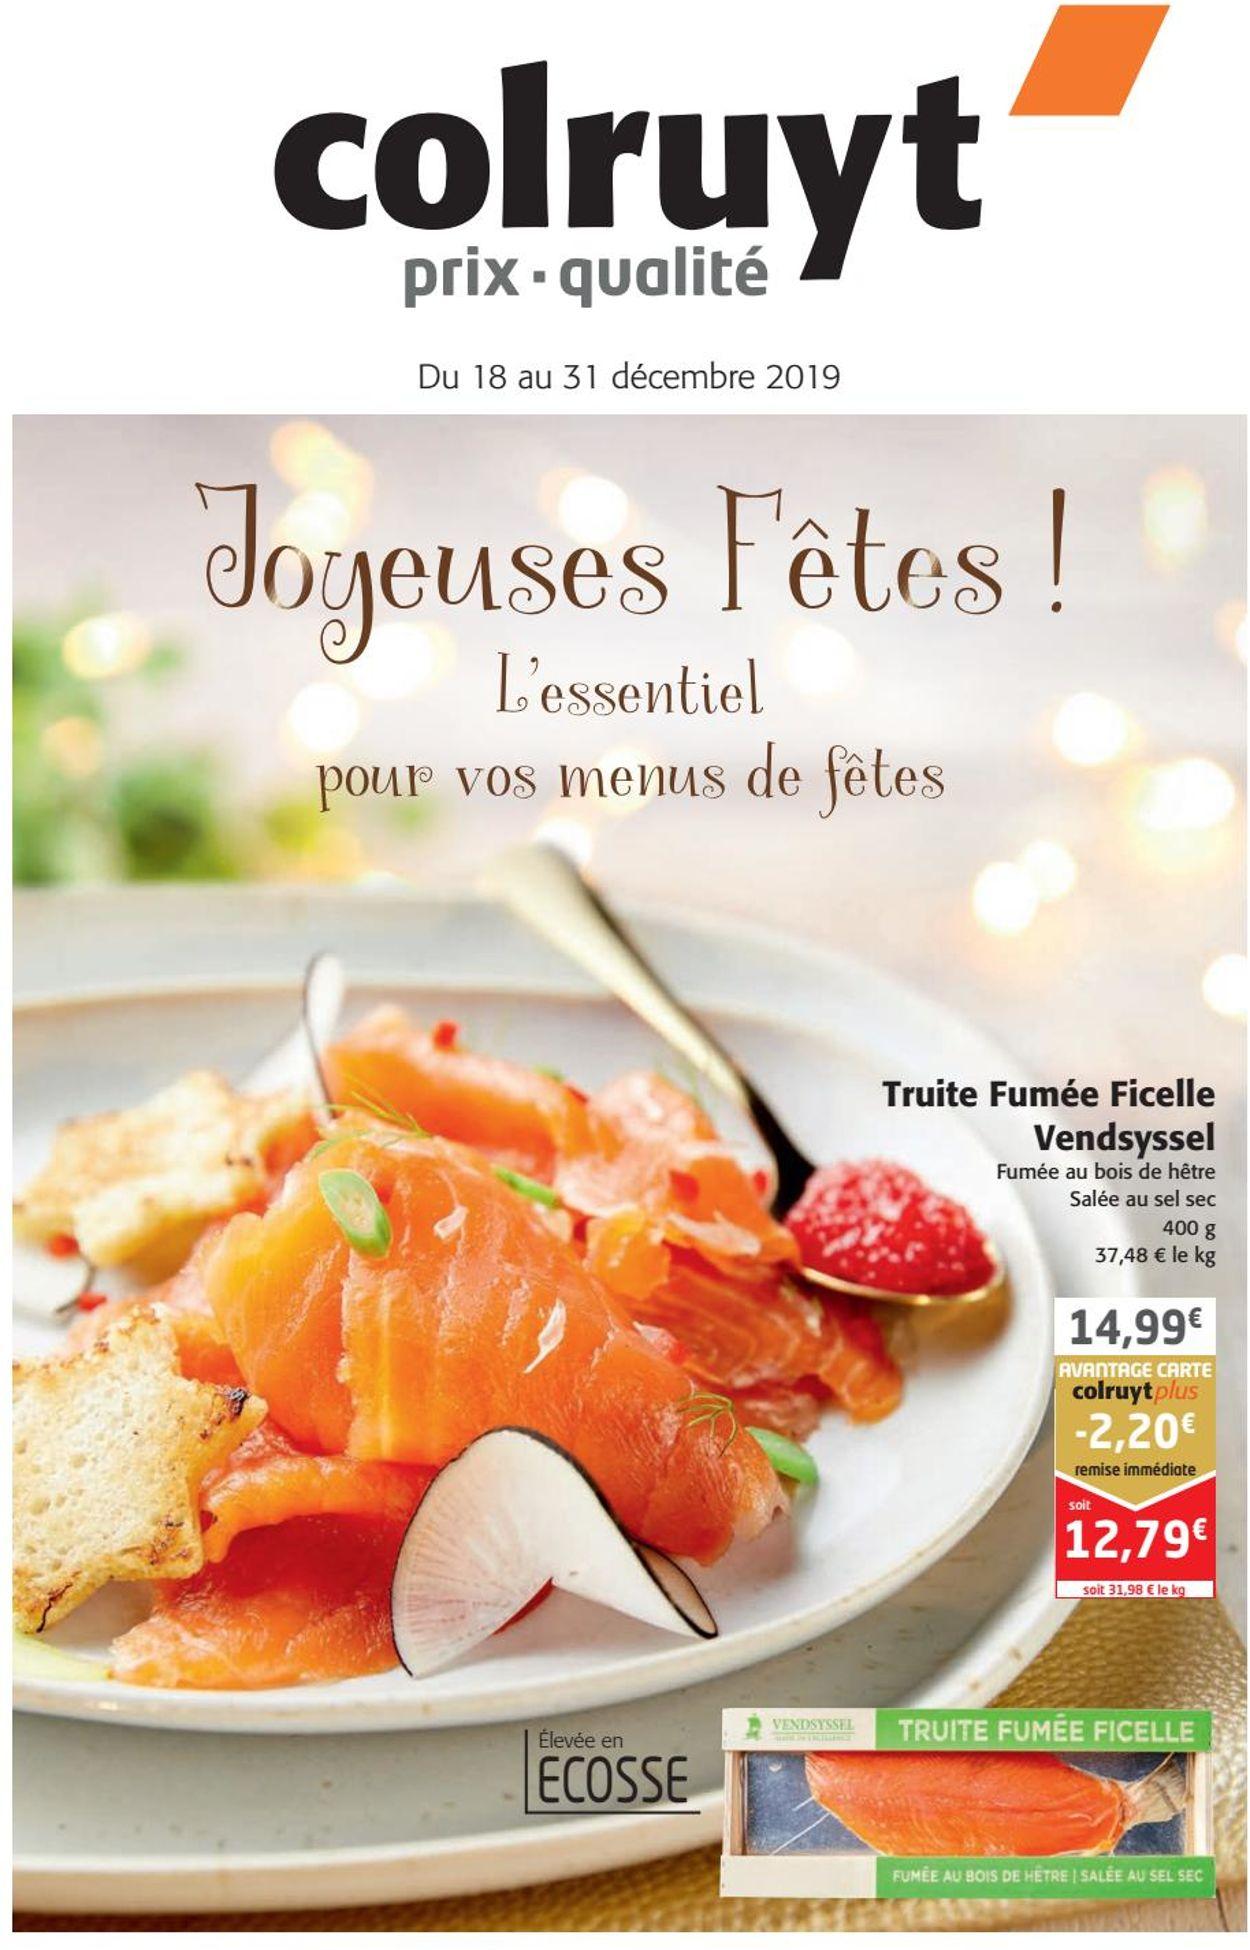 Colruyt catalogue de Noël 2019 Catalogue - 18.12-31.12.2019